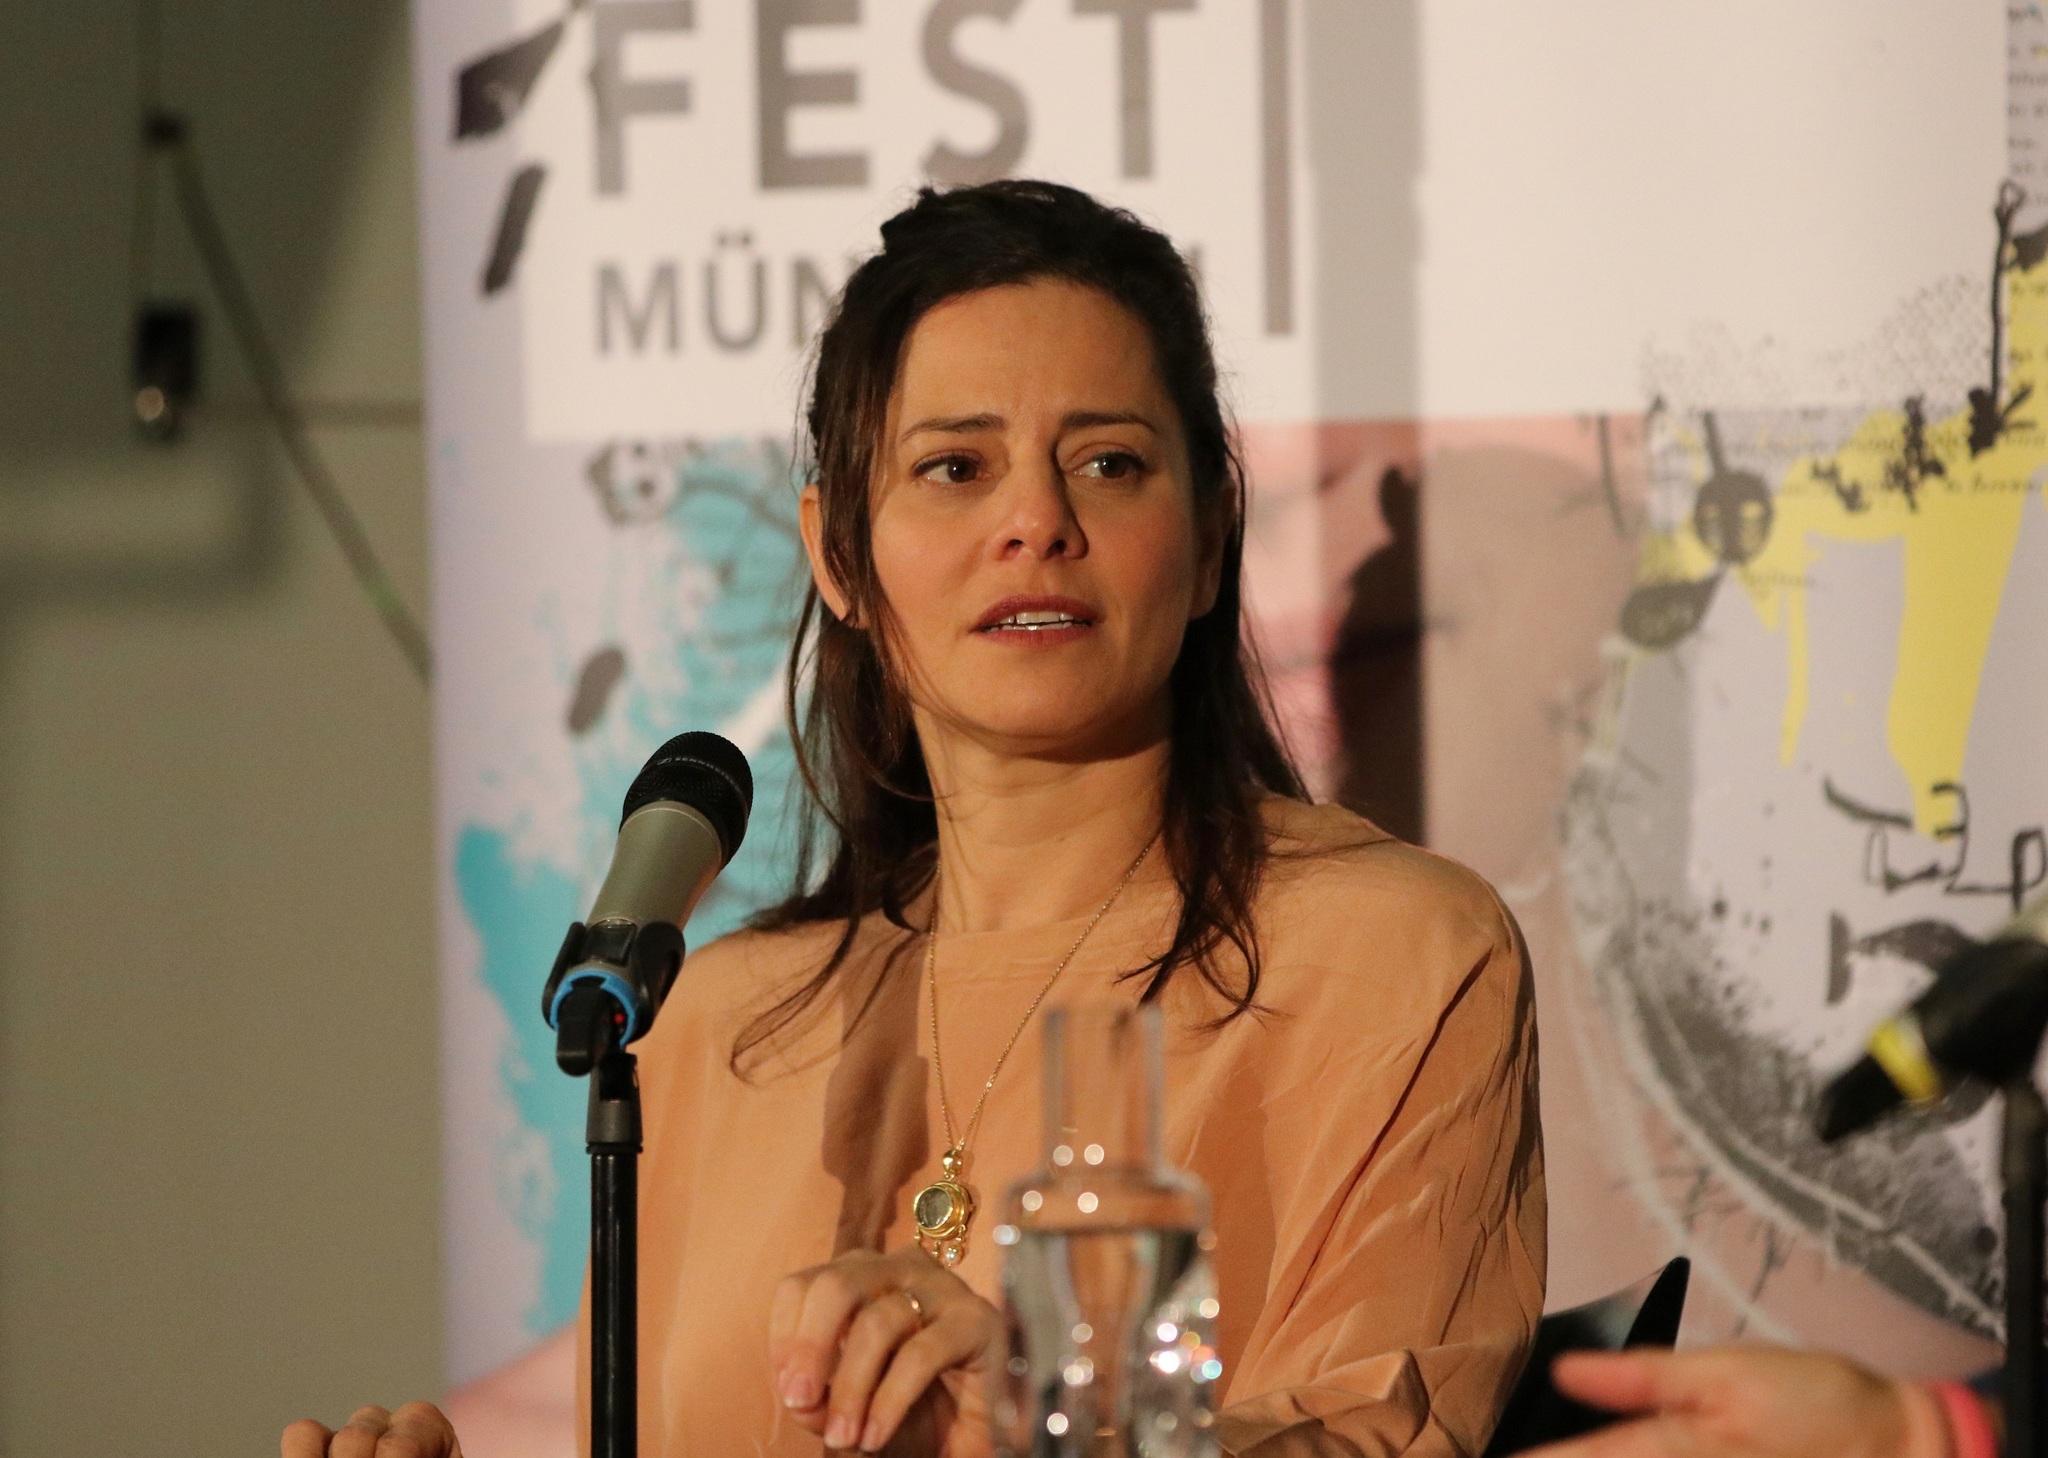 La periodista y escritora Ariel Levy, autora de 'Vivir sin reglas'.